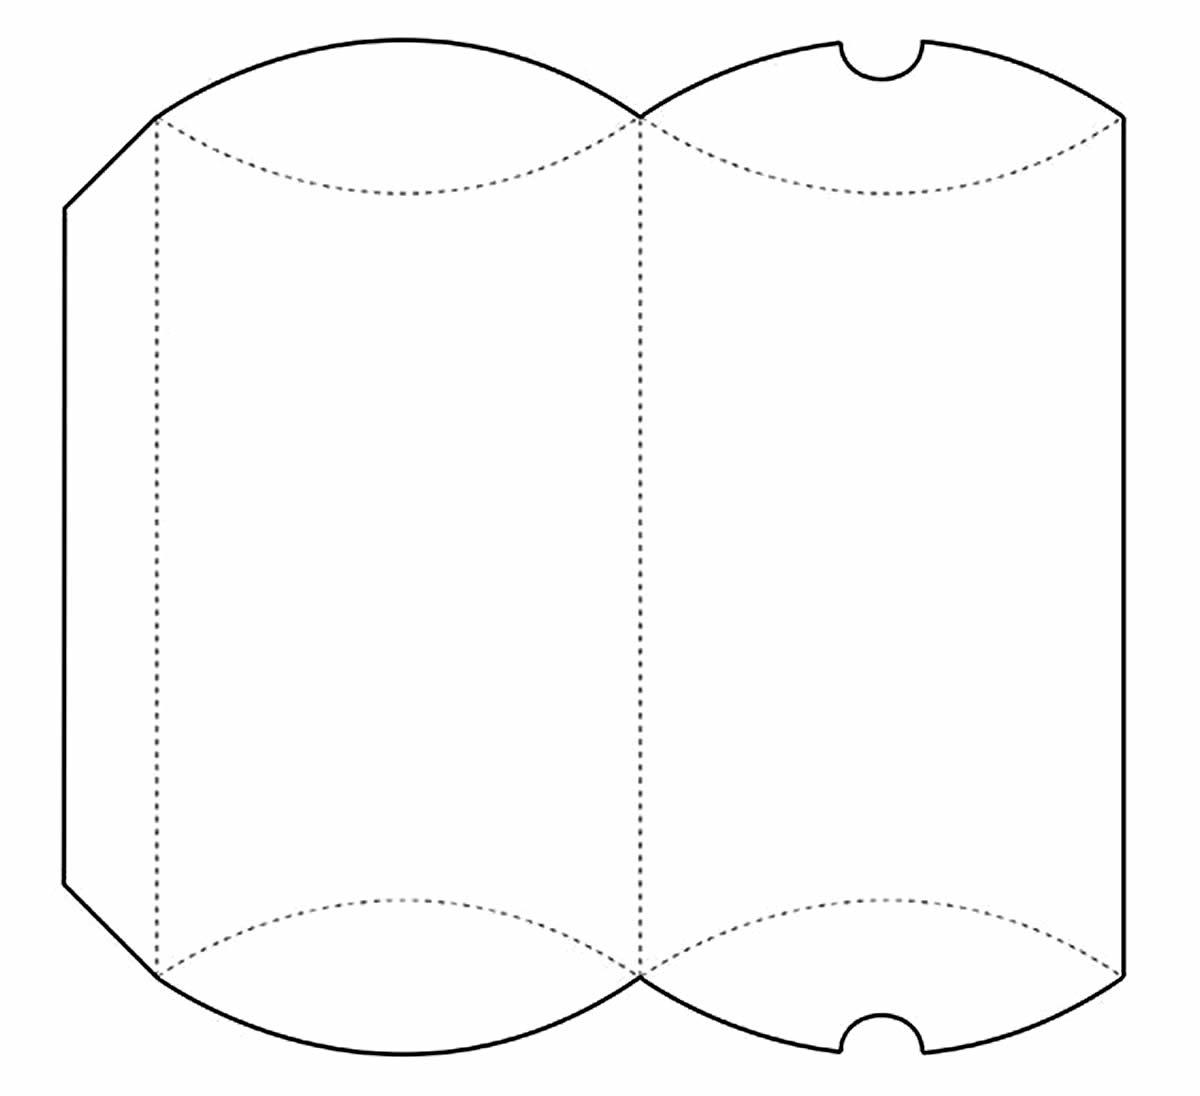 Caixinha de papel com moldes